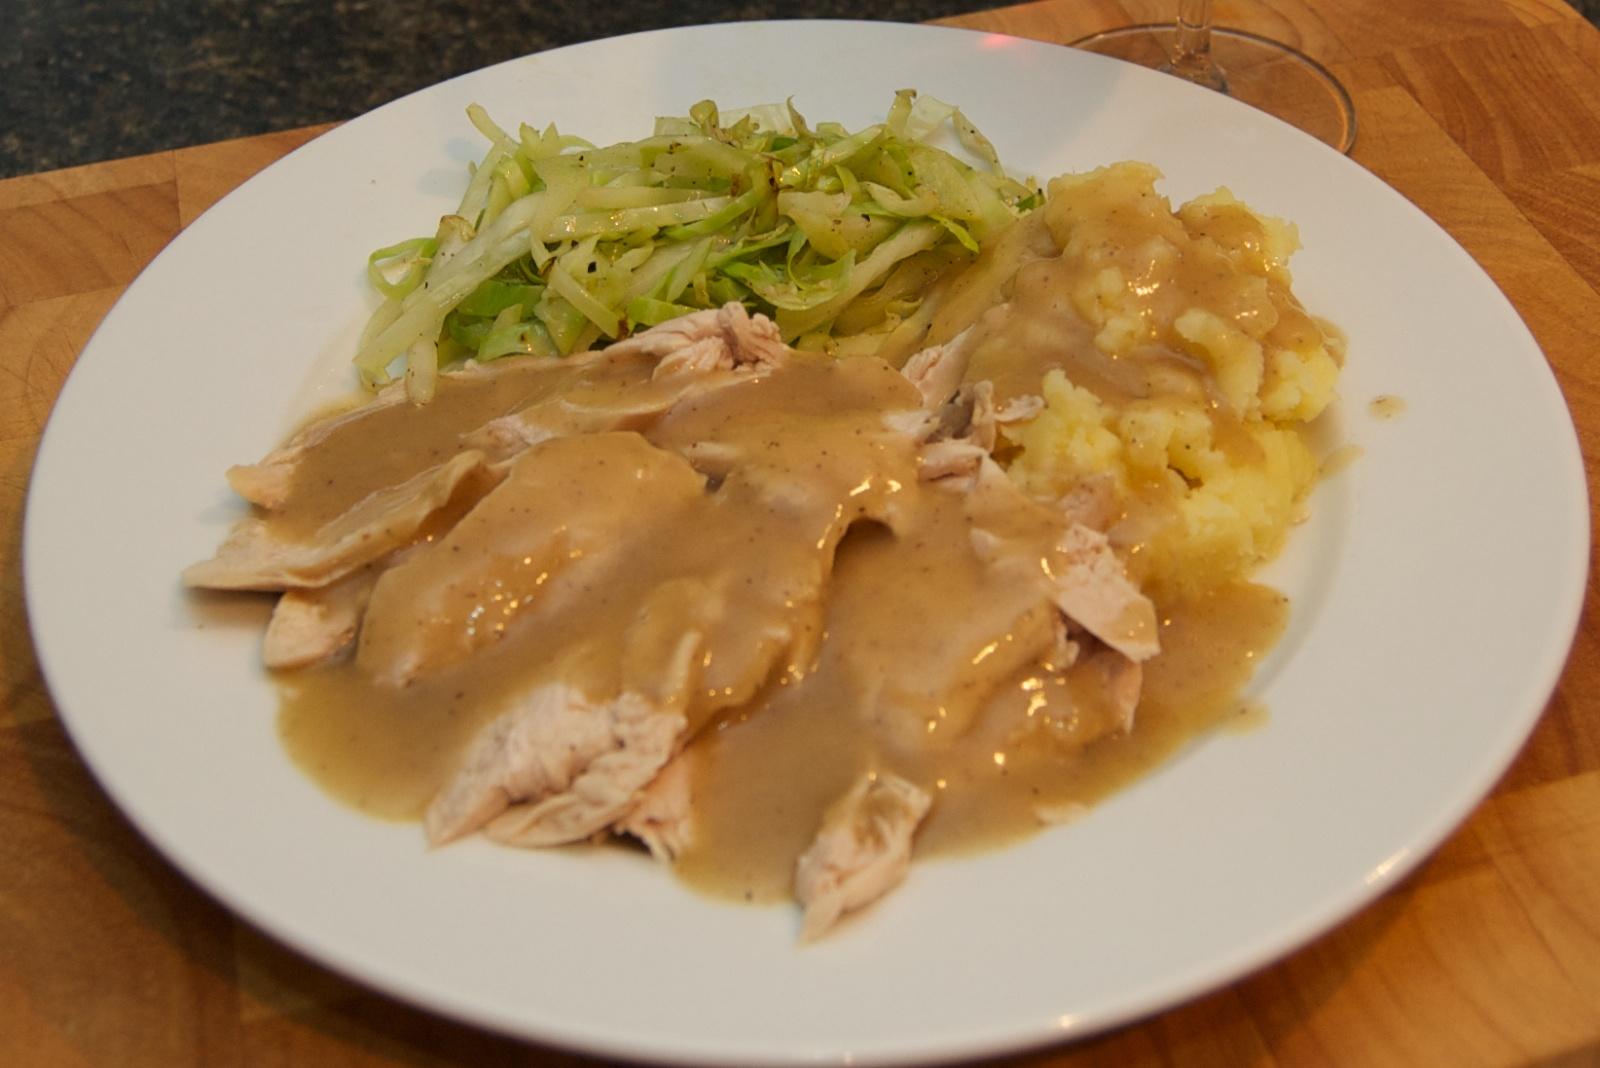 http://blog.rickk.com/food/2010/09/27/guineahen1.jpg